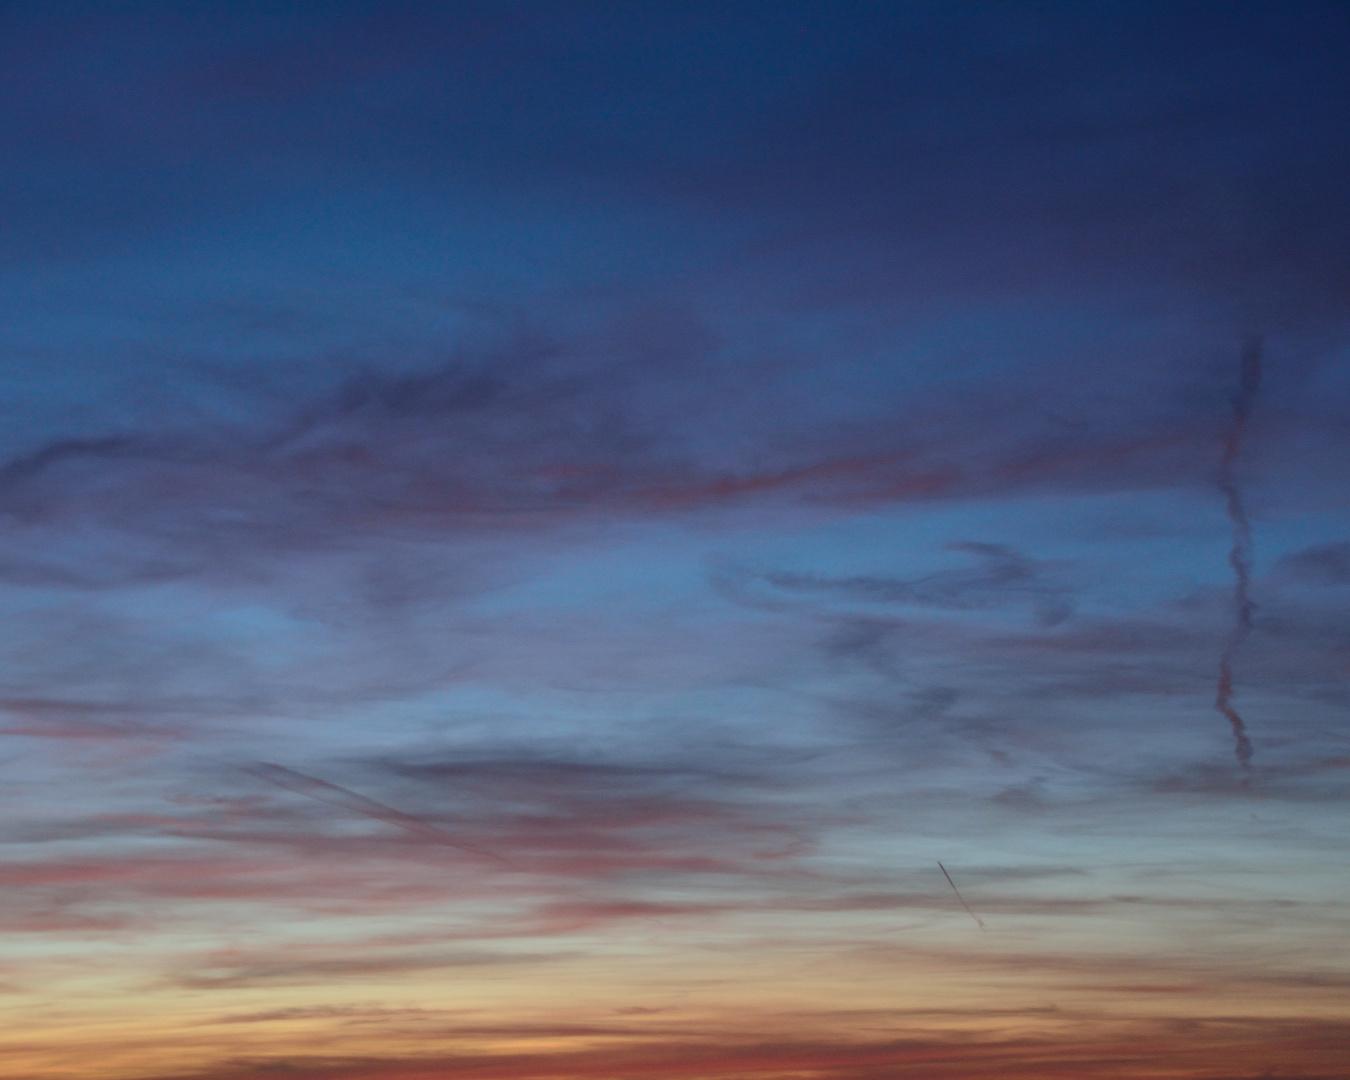 Mein Sonnenuntergang von meinem Balkon 06